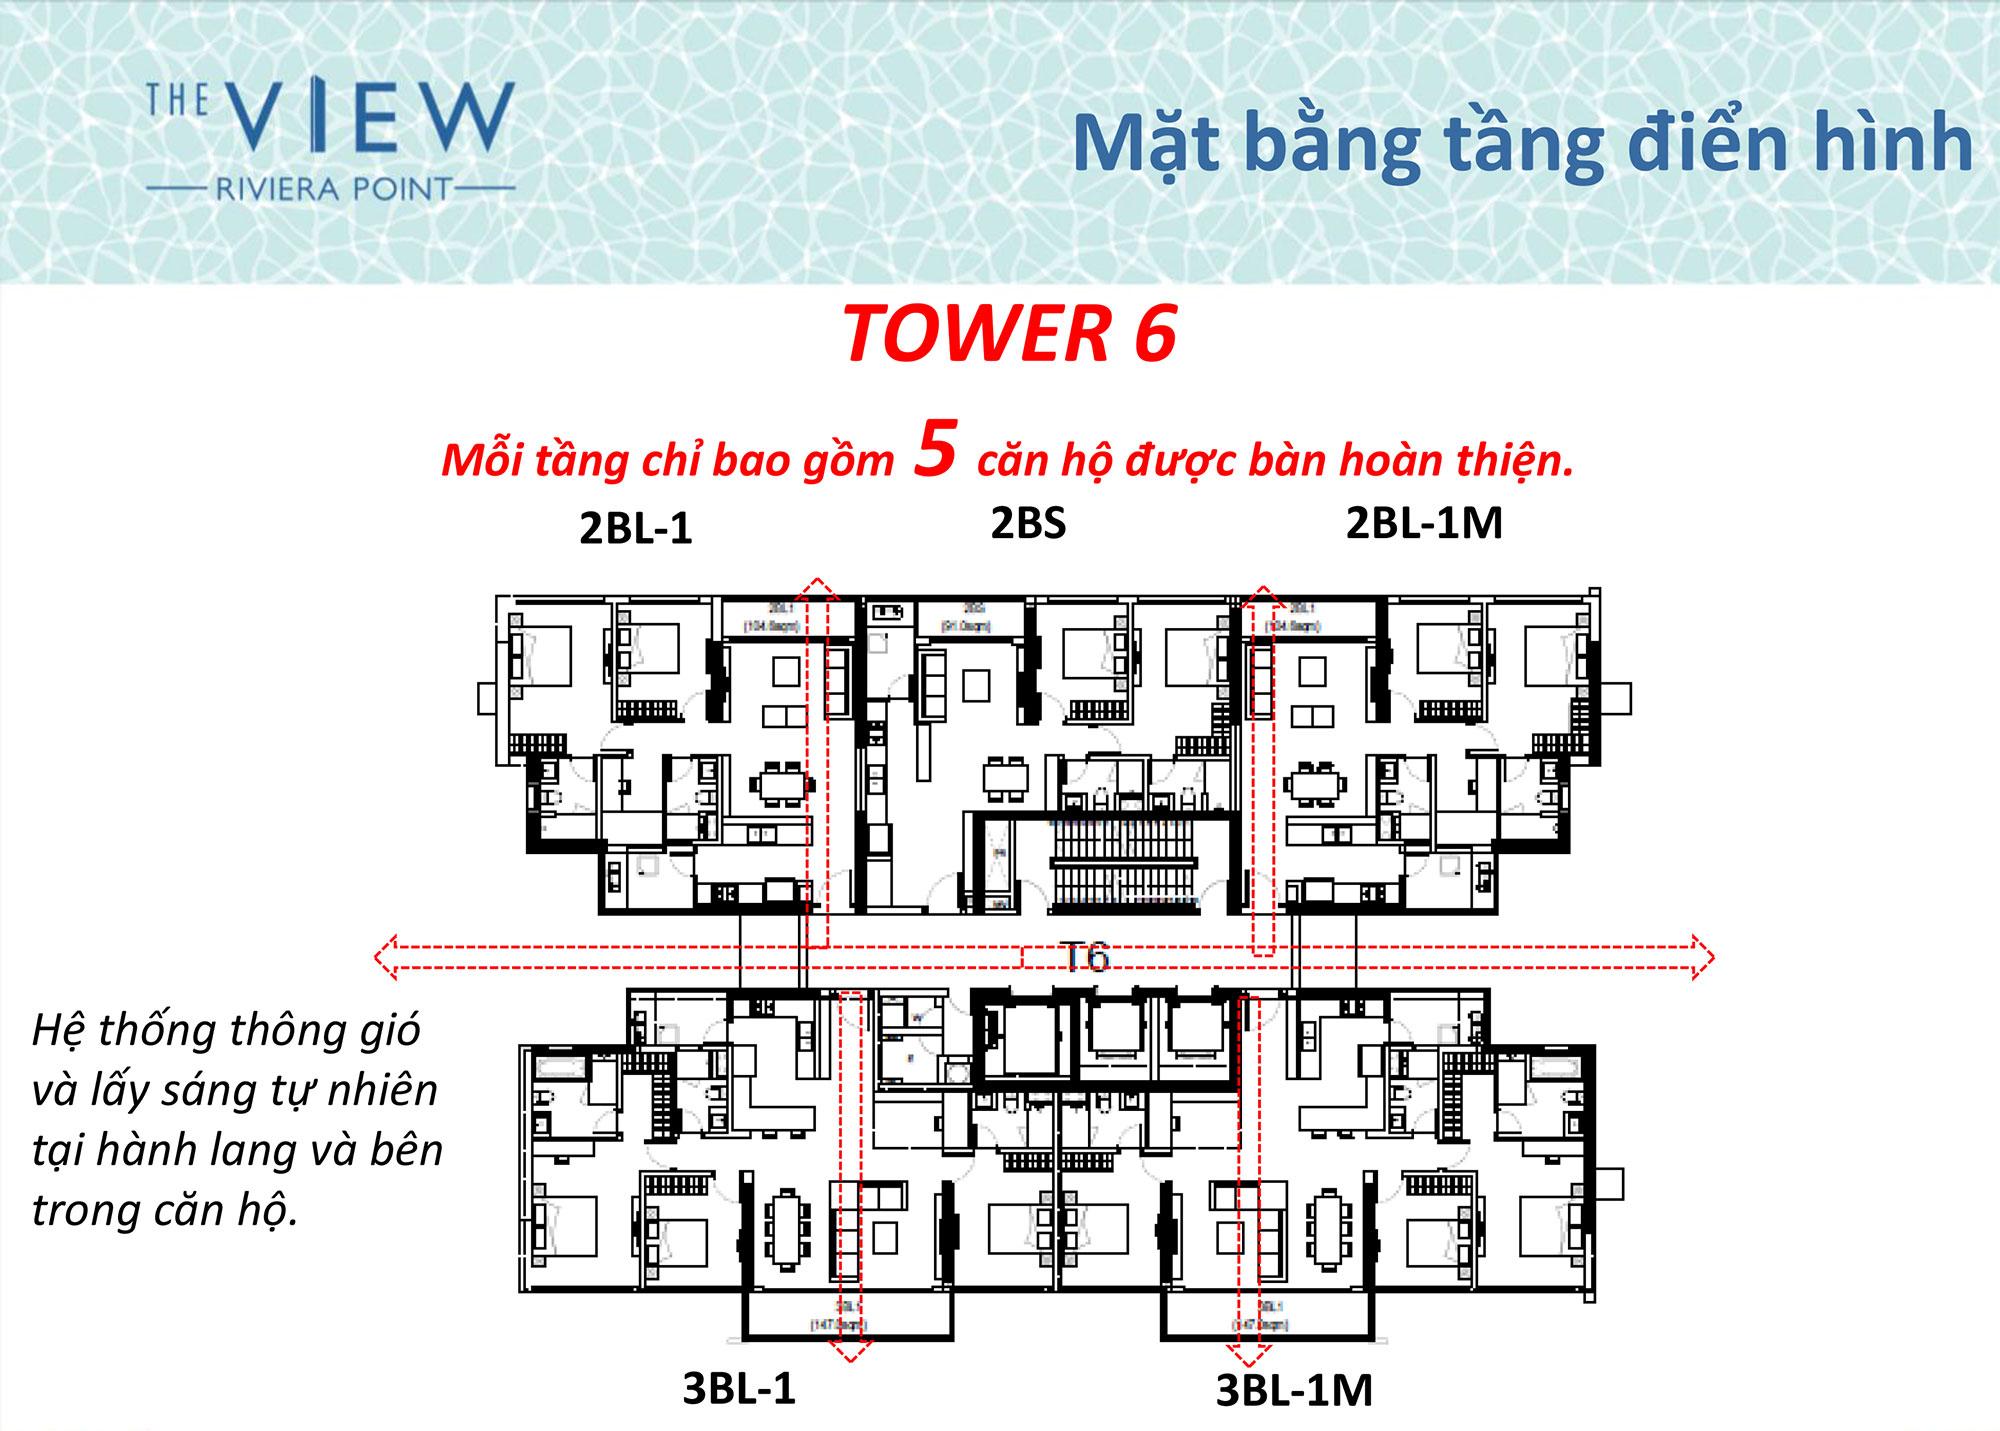 Mặt bằng tháp T6 căn hộ The View Riviera Point quận 7.